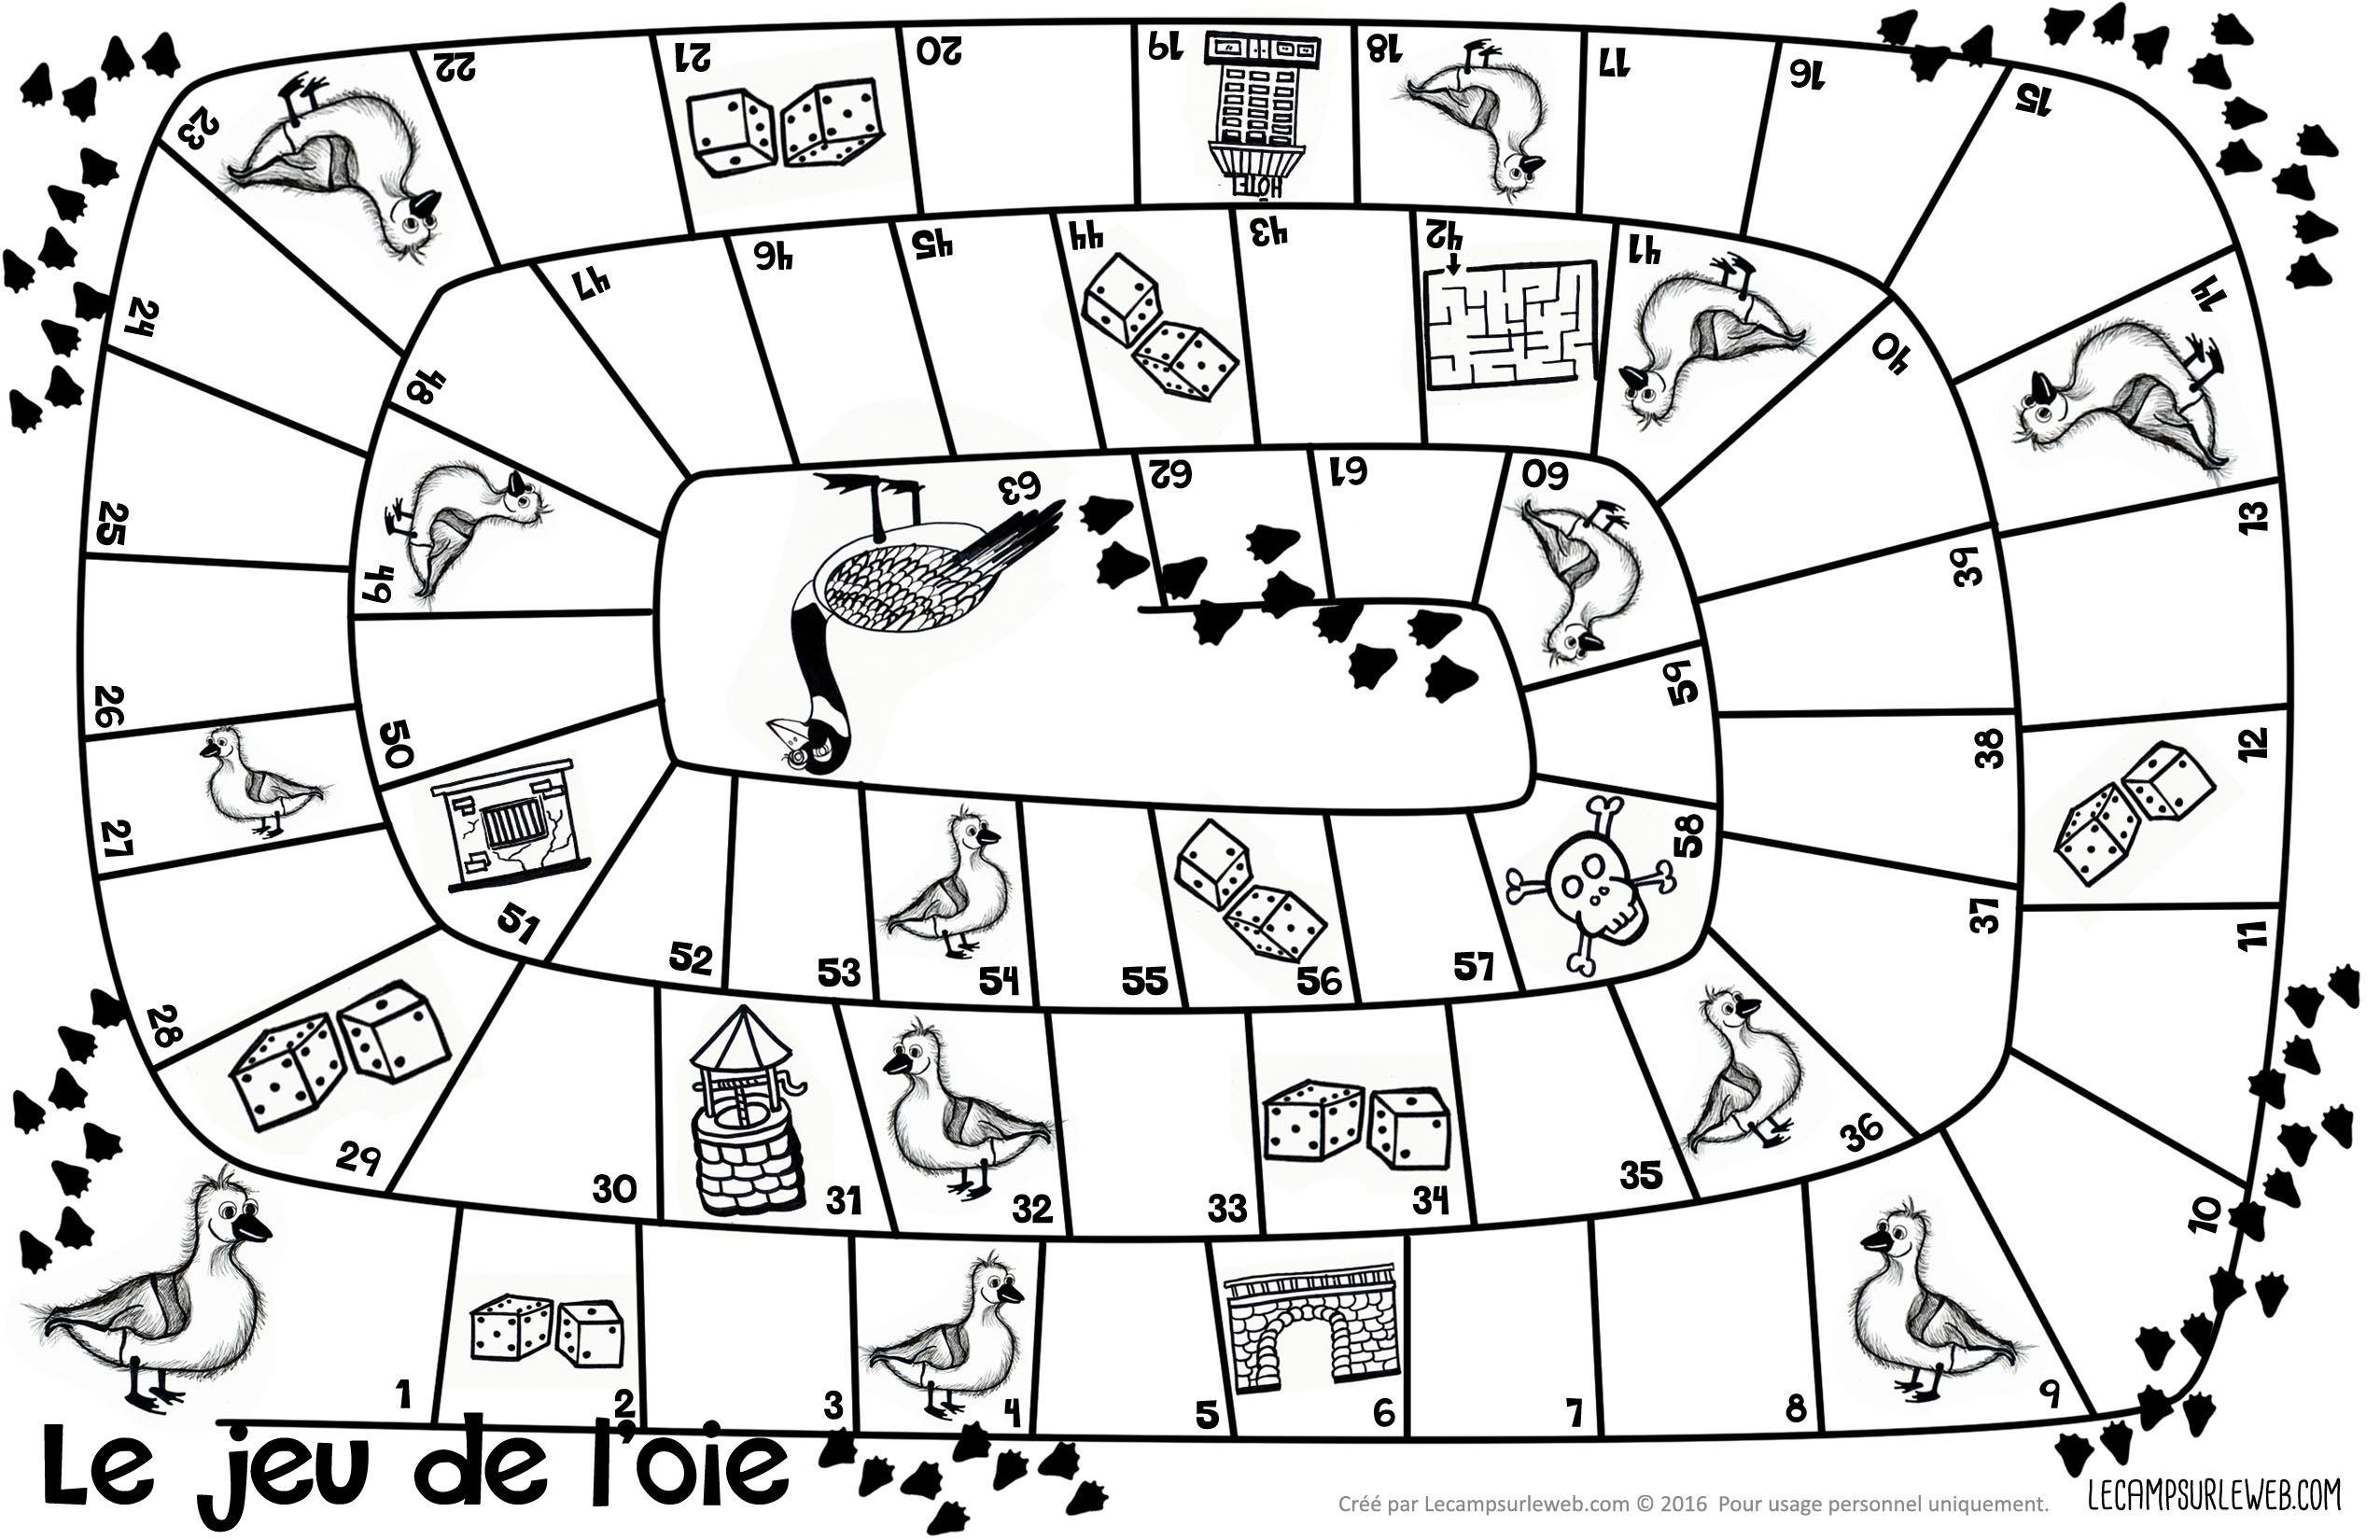 See Original Image | Jeu De L'Oie, Jeux Coloriage, Jeux De Logique destiné Jeux De Coloriage